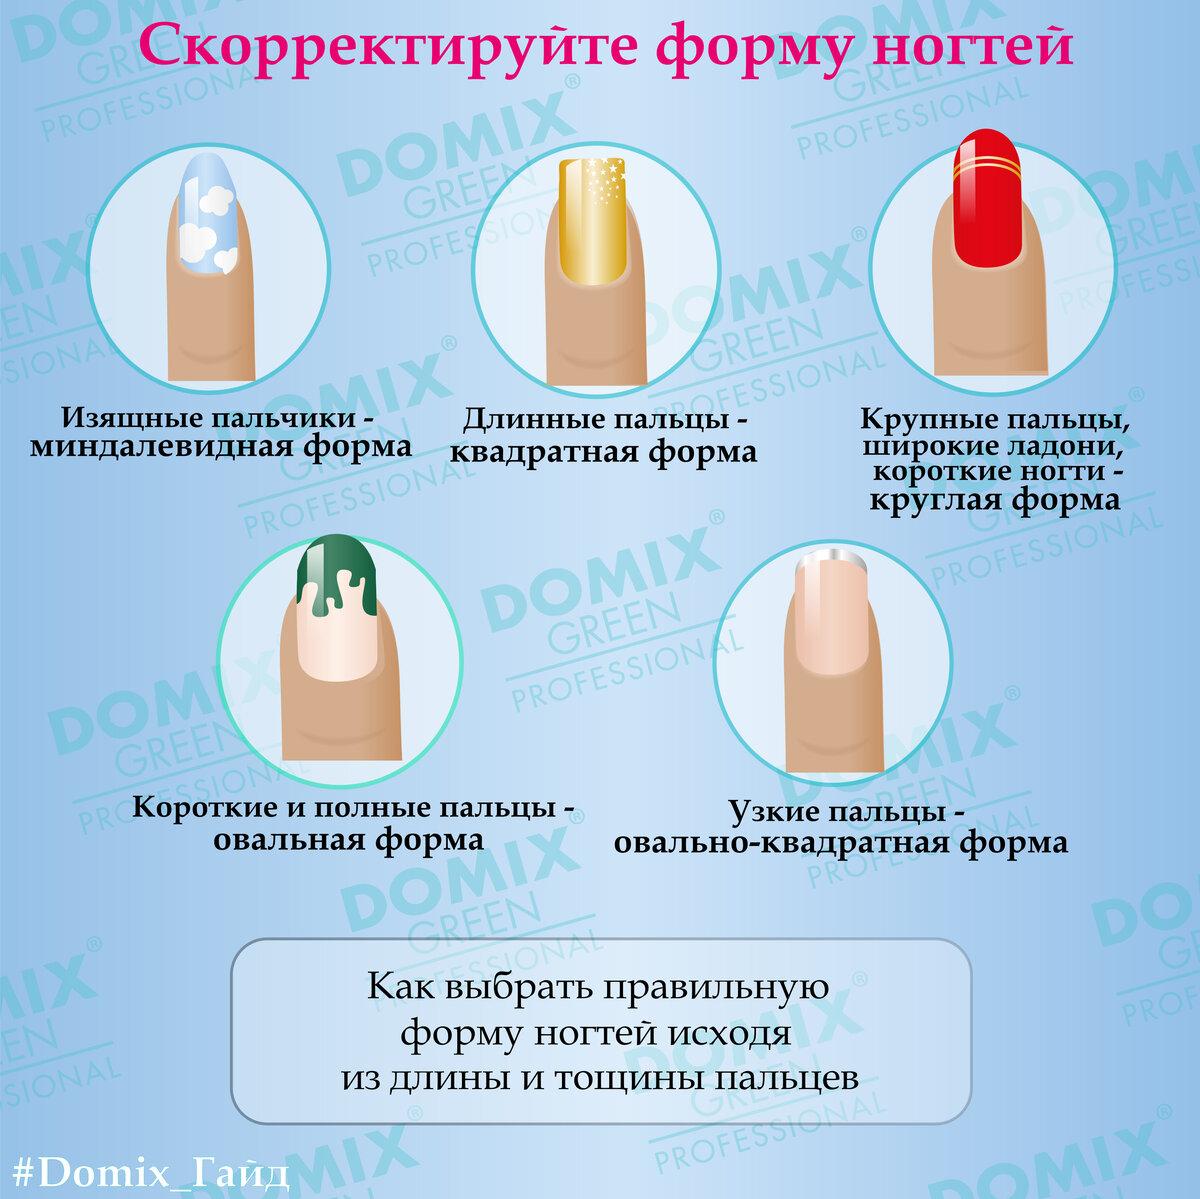 Каким рукам какую форму ногтям придать фото